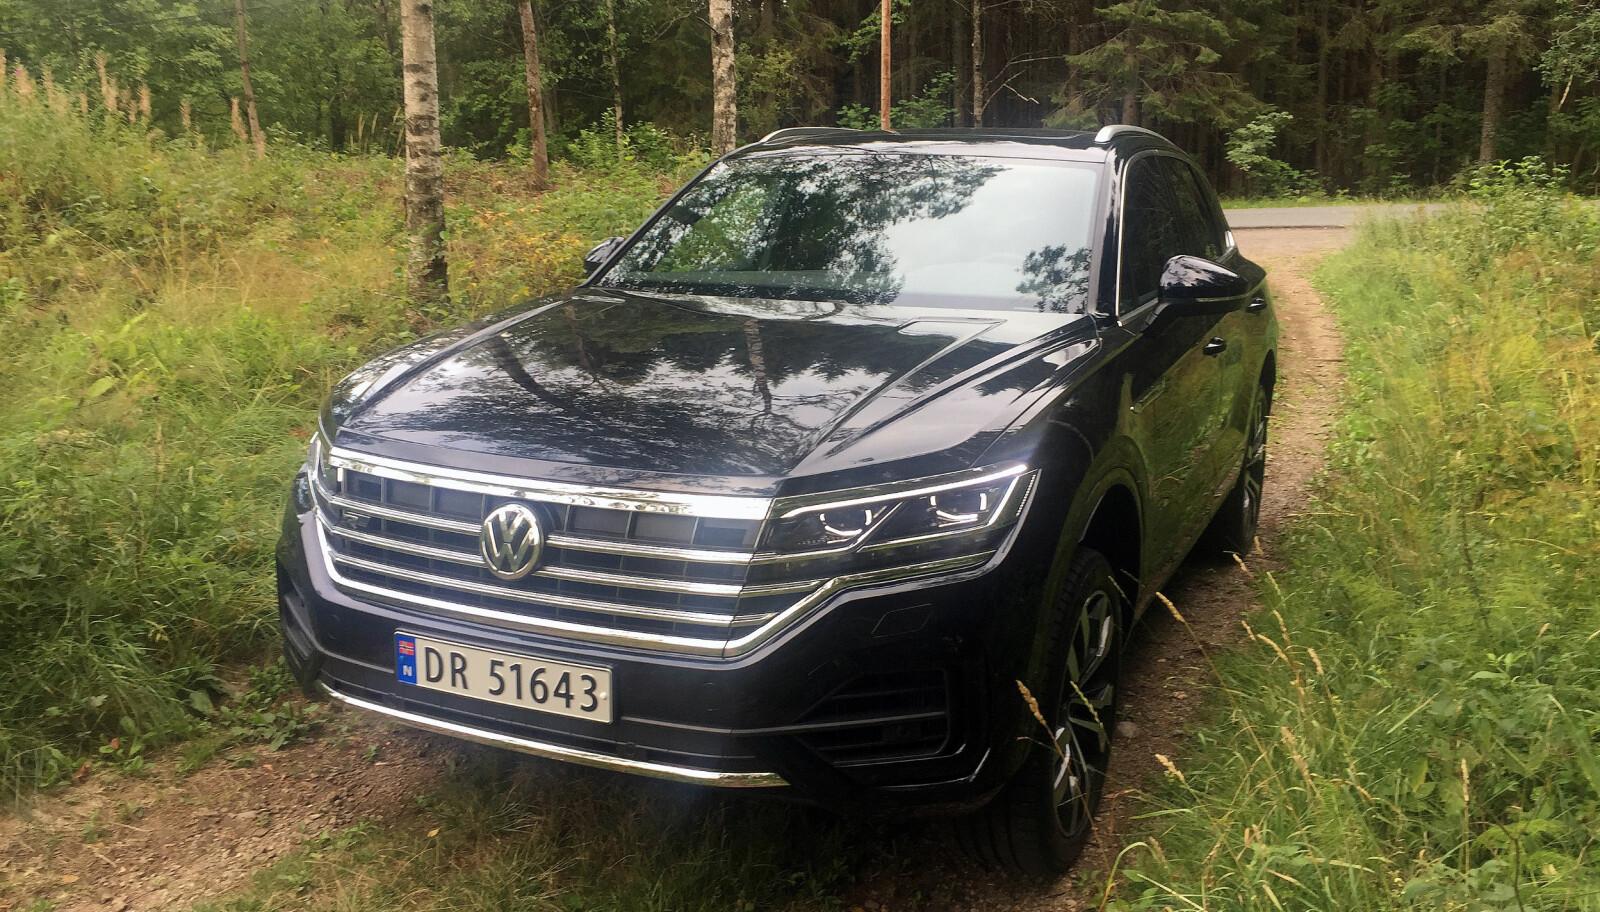 STORT: Bred grill med mye krom, av format en stor bil. Den nye Touareg er og ser ut som Tiguans storebror. Typisk tilbakeholdent VW-design.